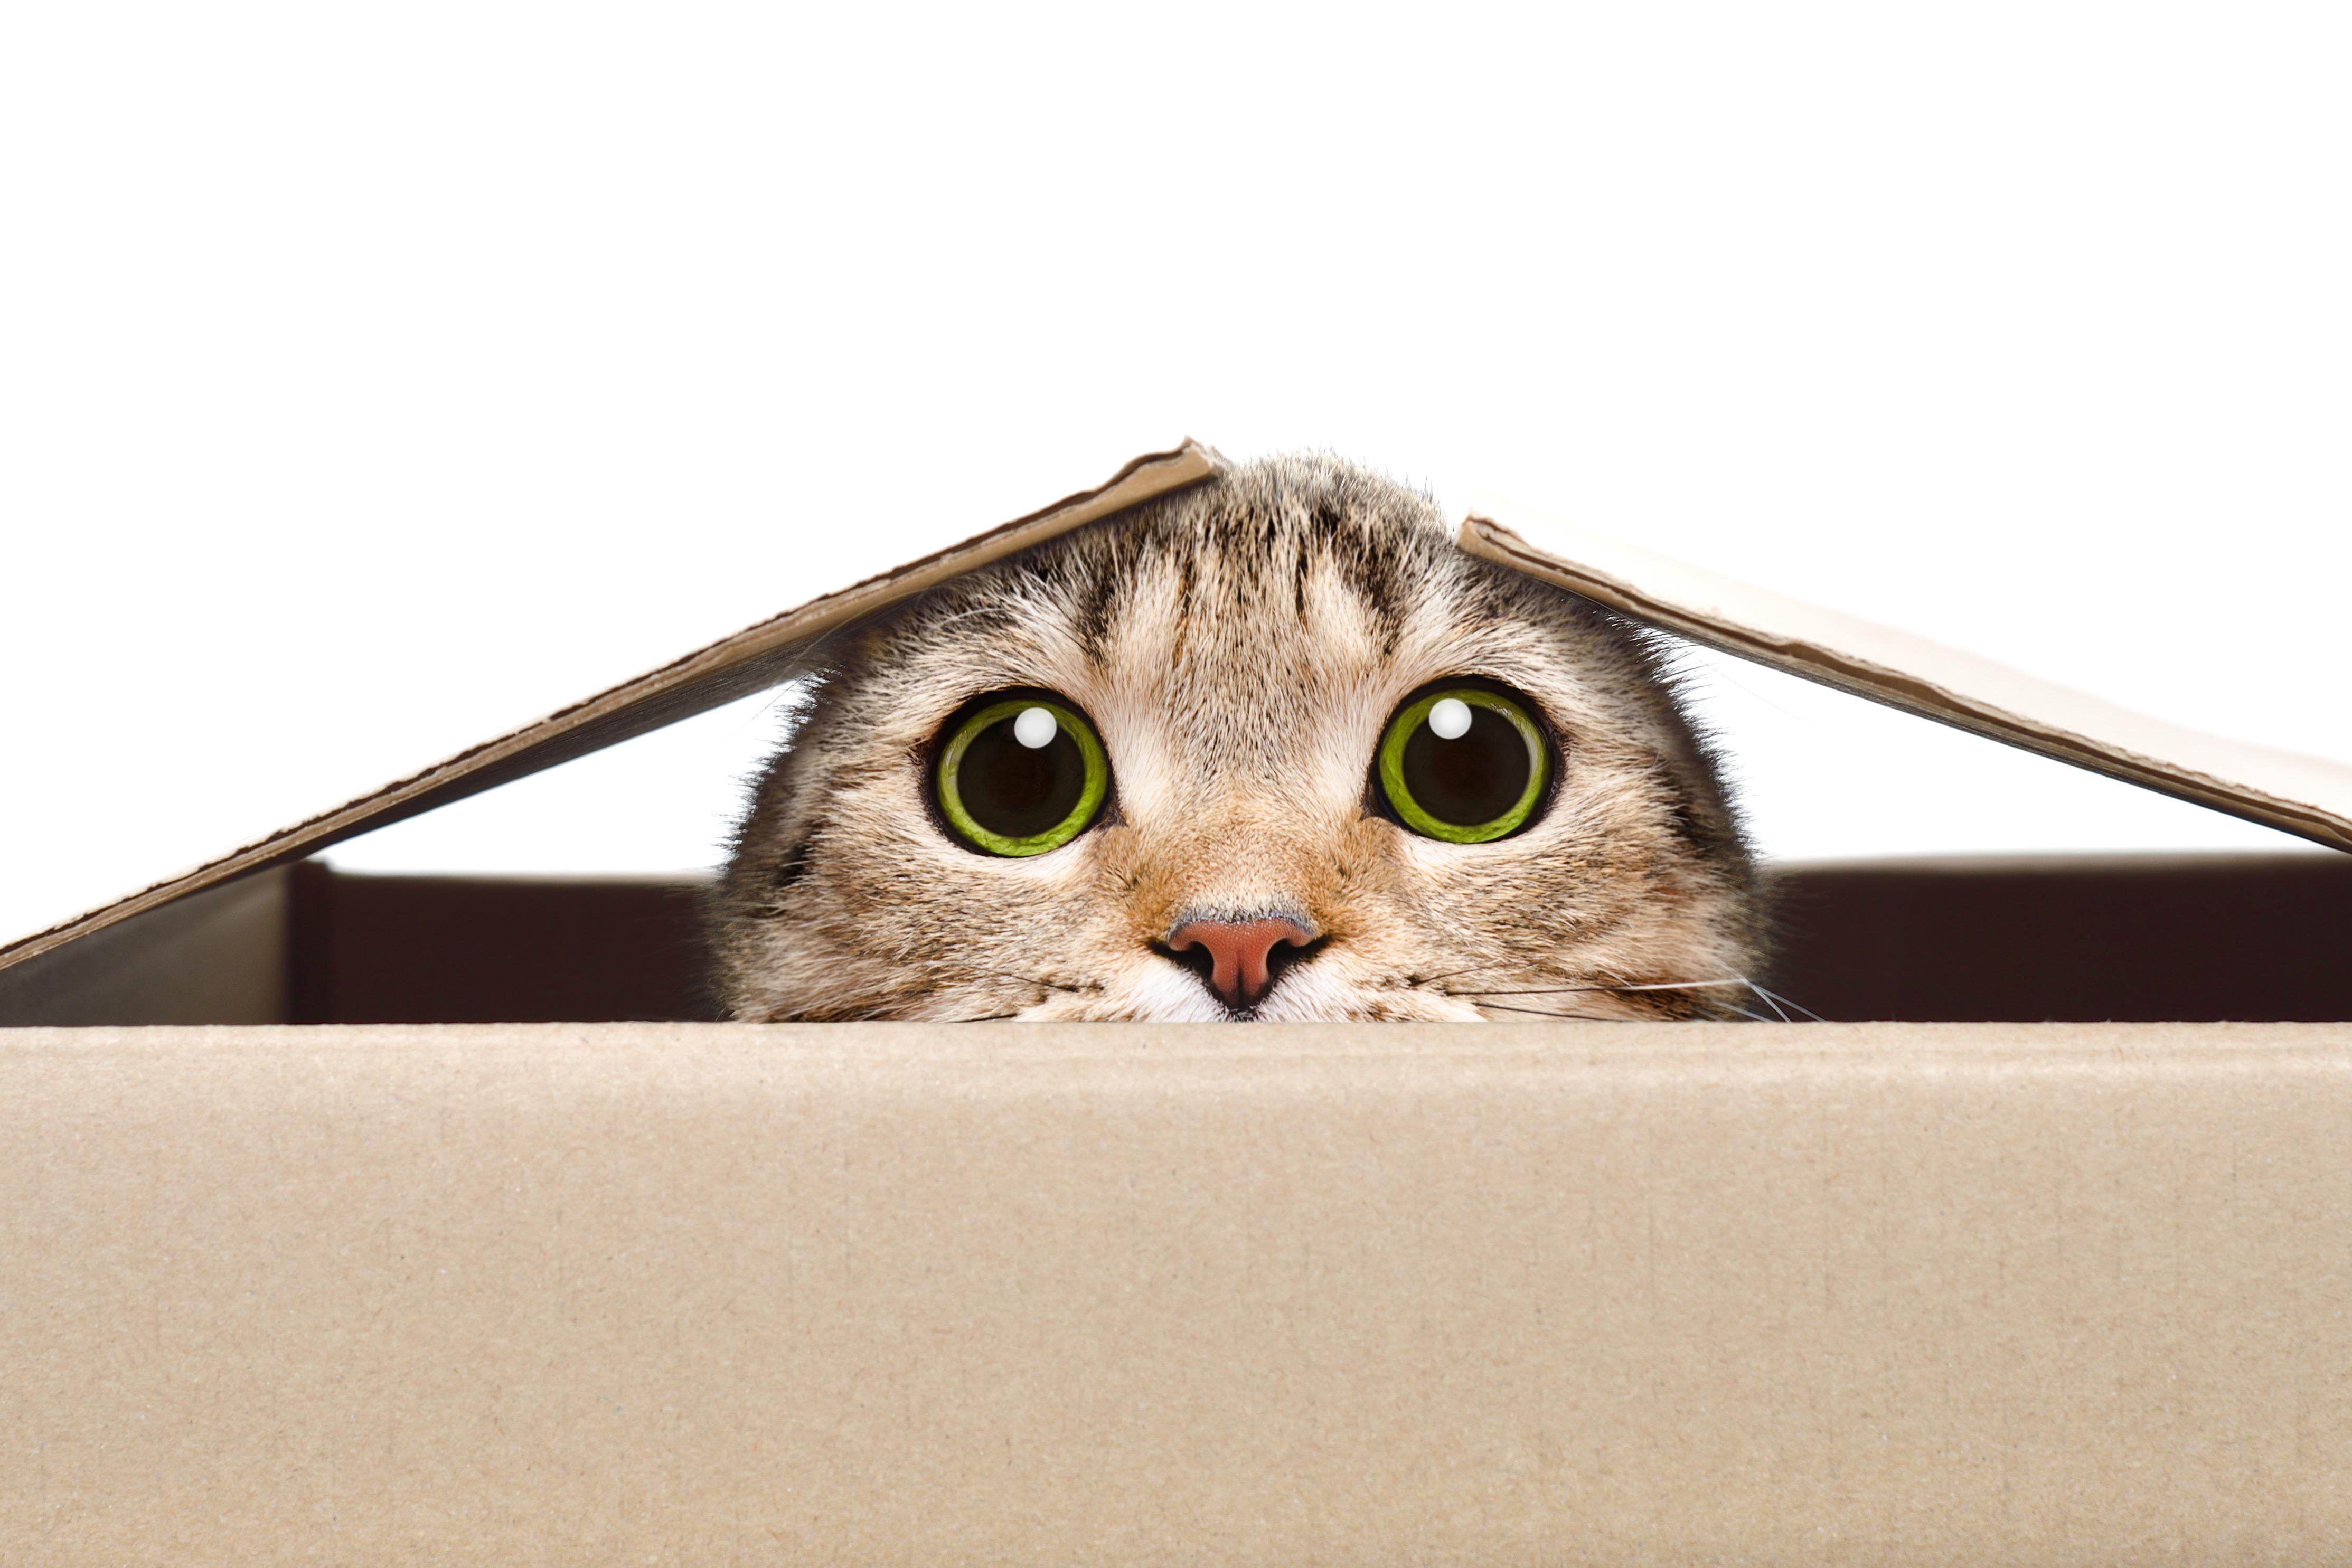 Nieodpowiednia kuweta dla kota jest przyczyną załatwiania się kota poza nią.